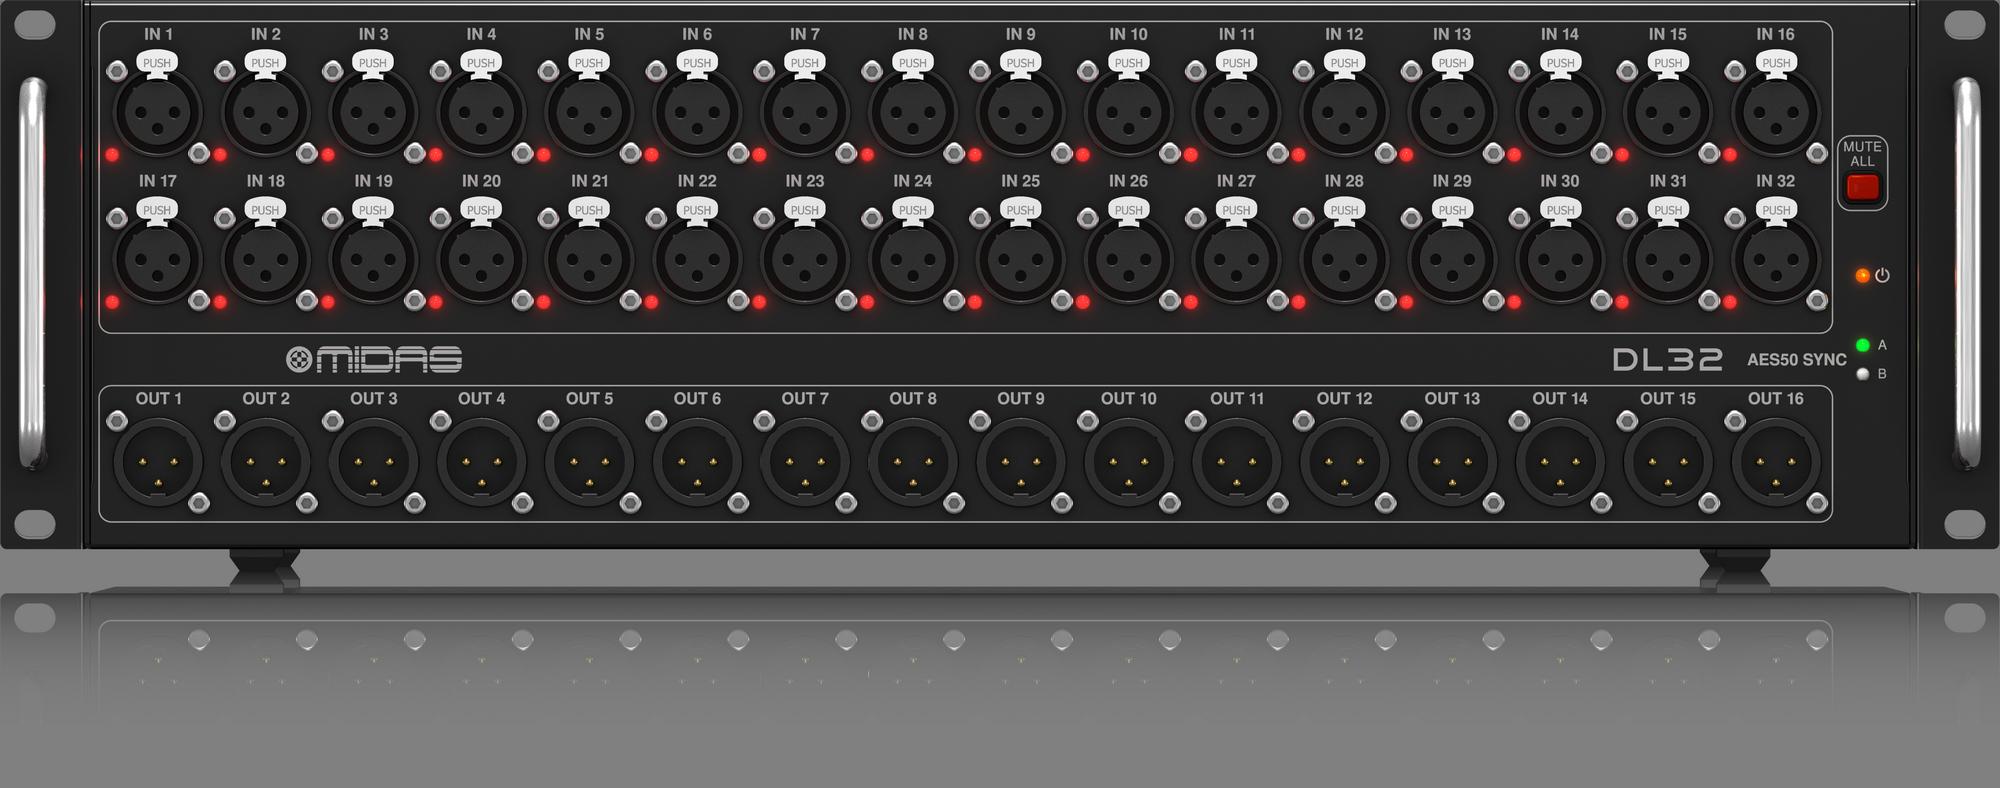 Midas M32R Live + DL32 Combi - Console avec bloc de scène